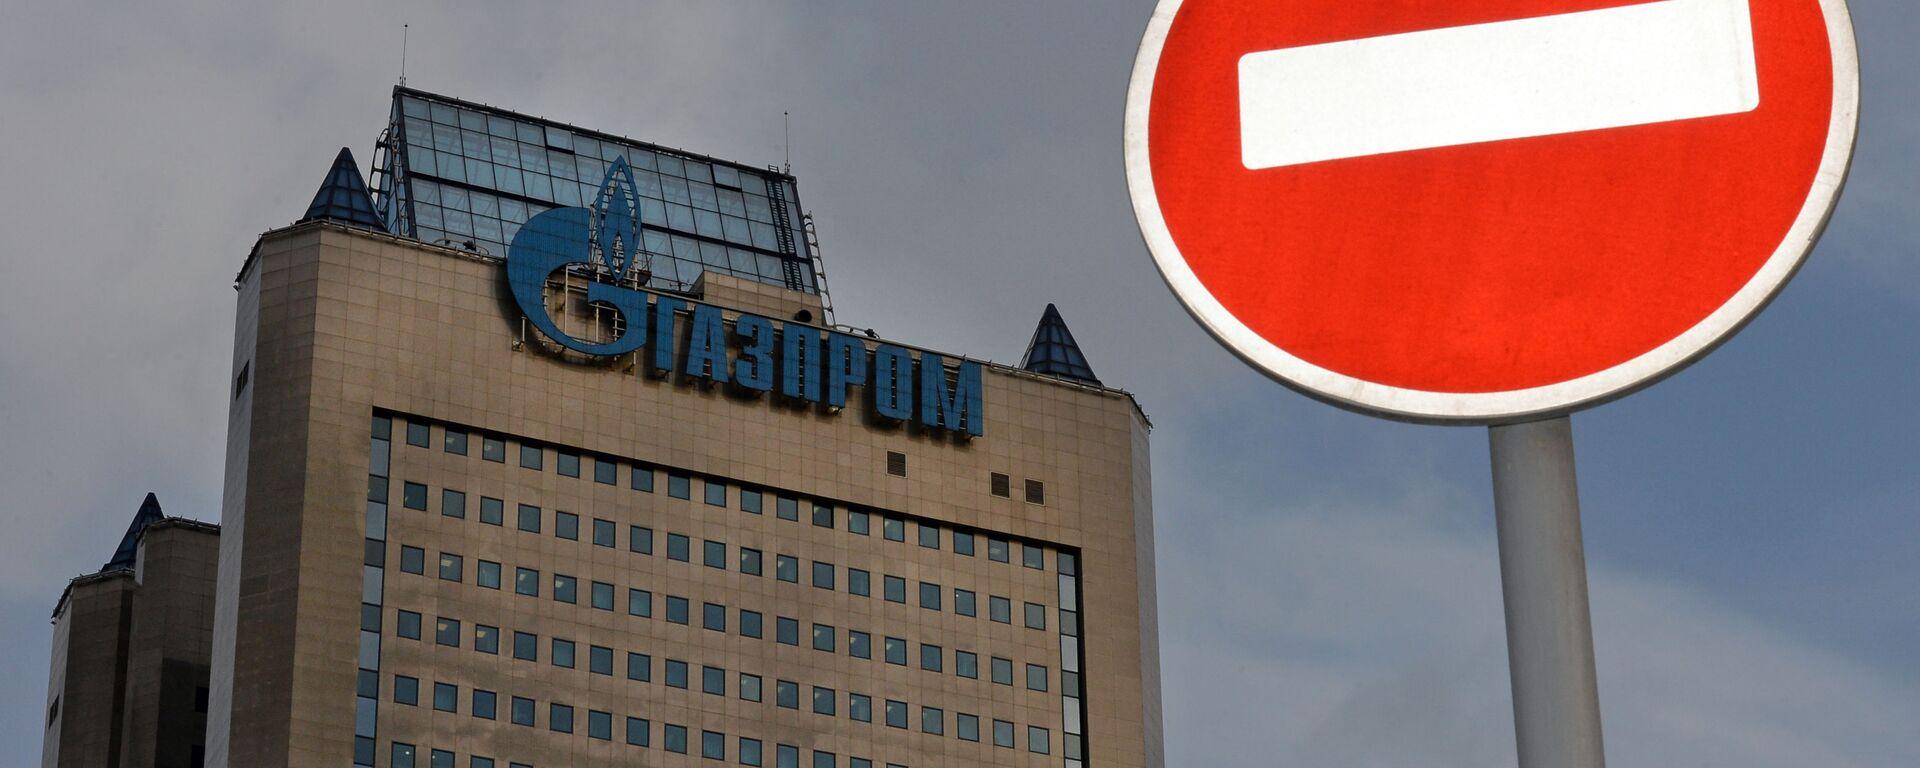 Znak drogowy na tle budynku firmy Gazprom - Sputnik Polska, 1920, 27.08.2021